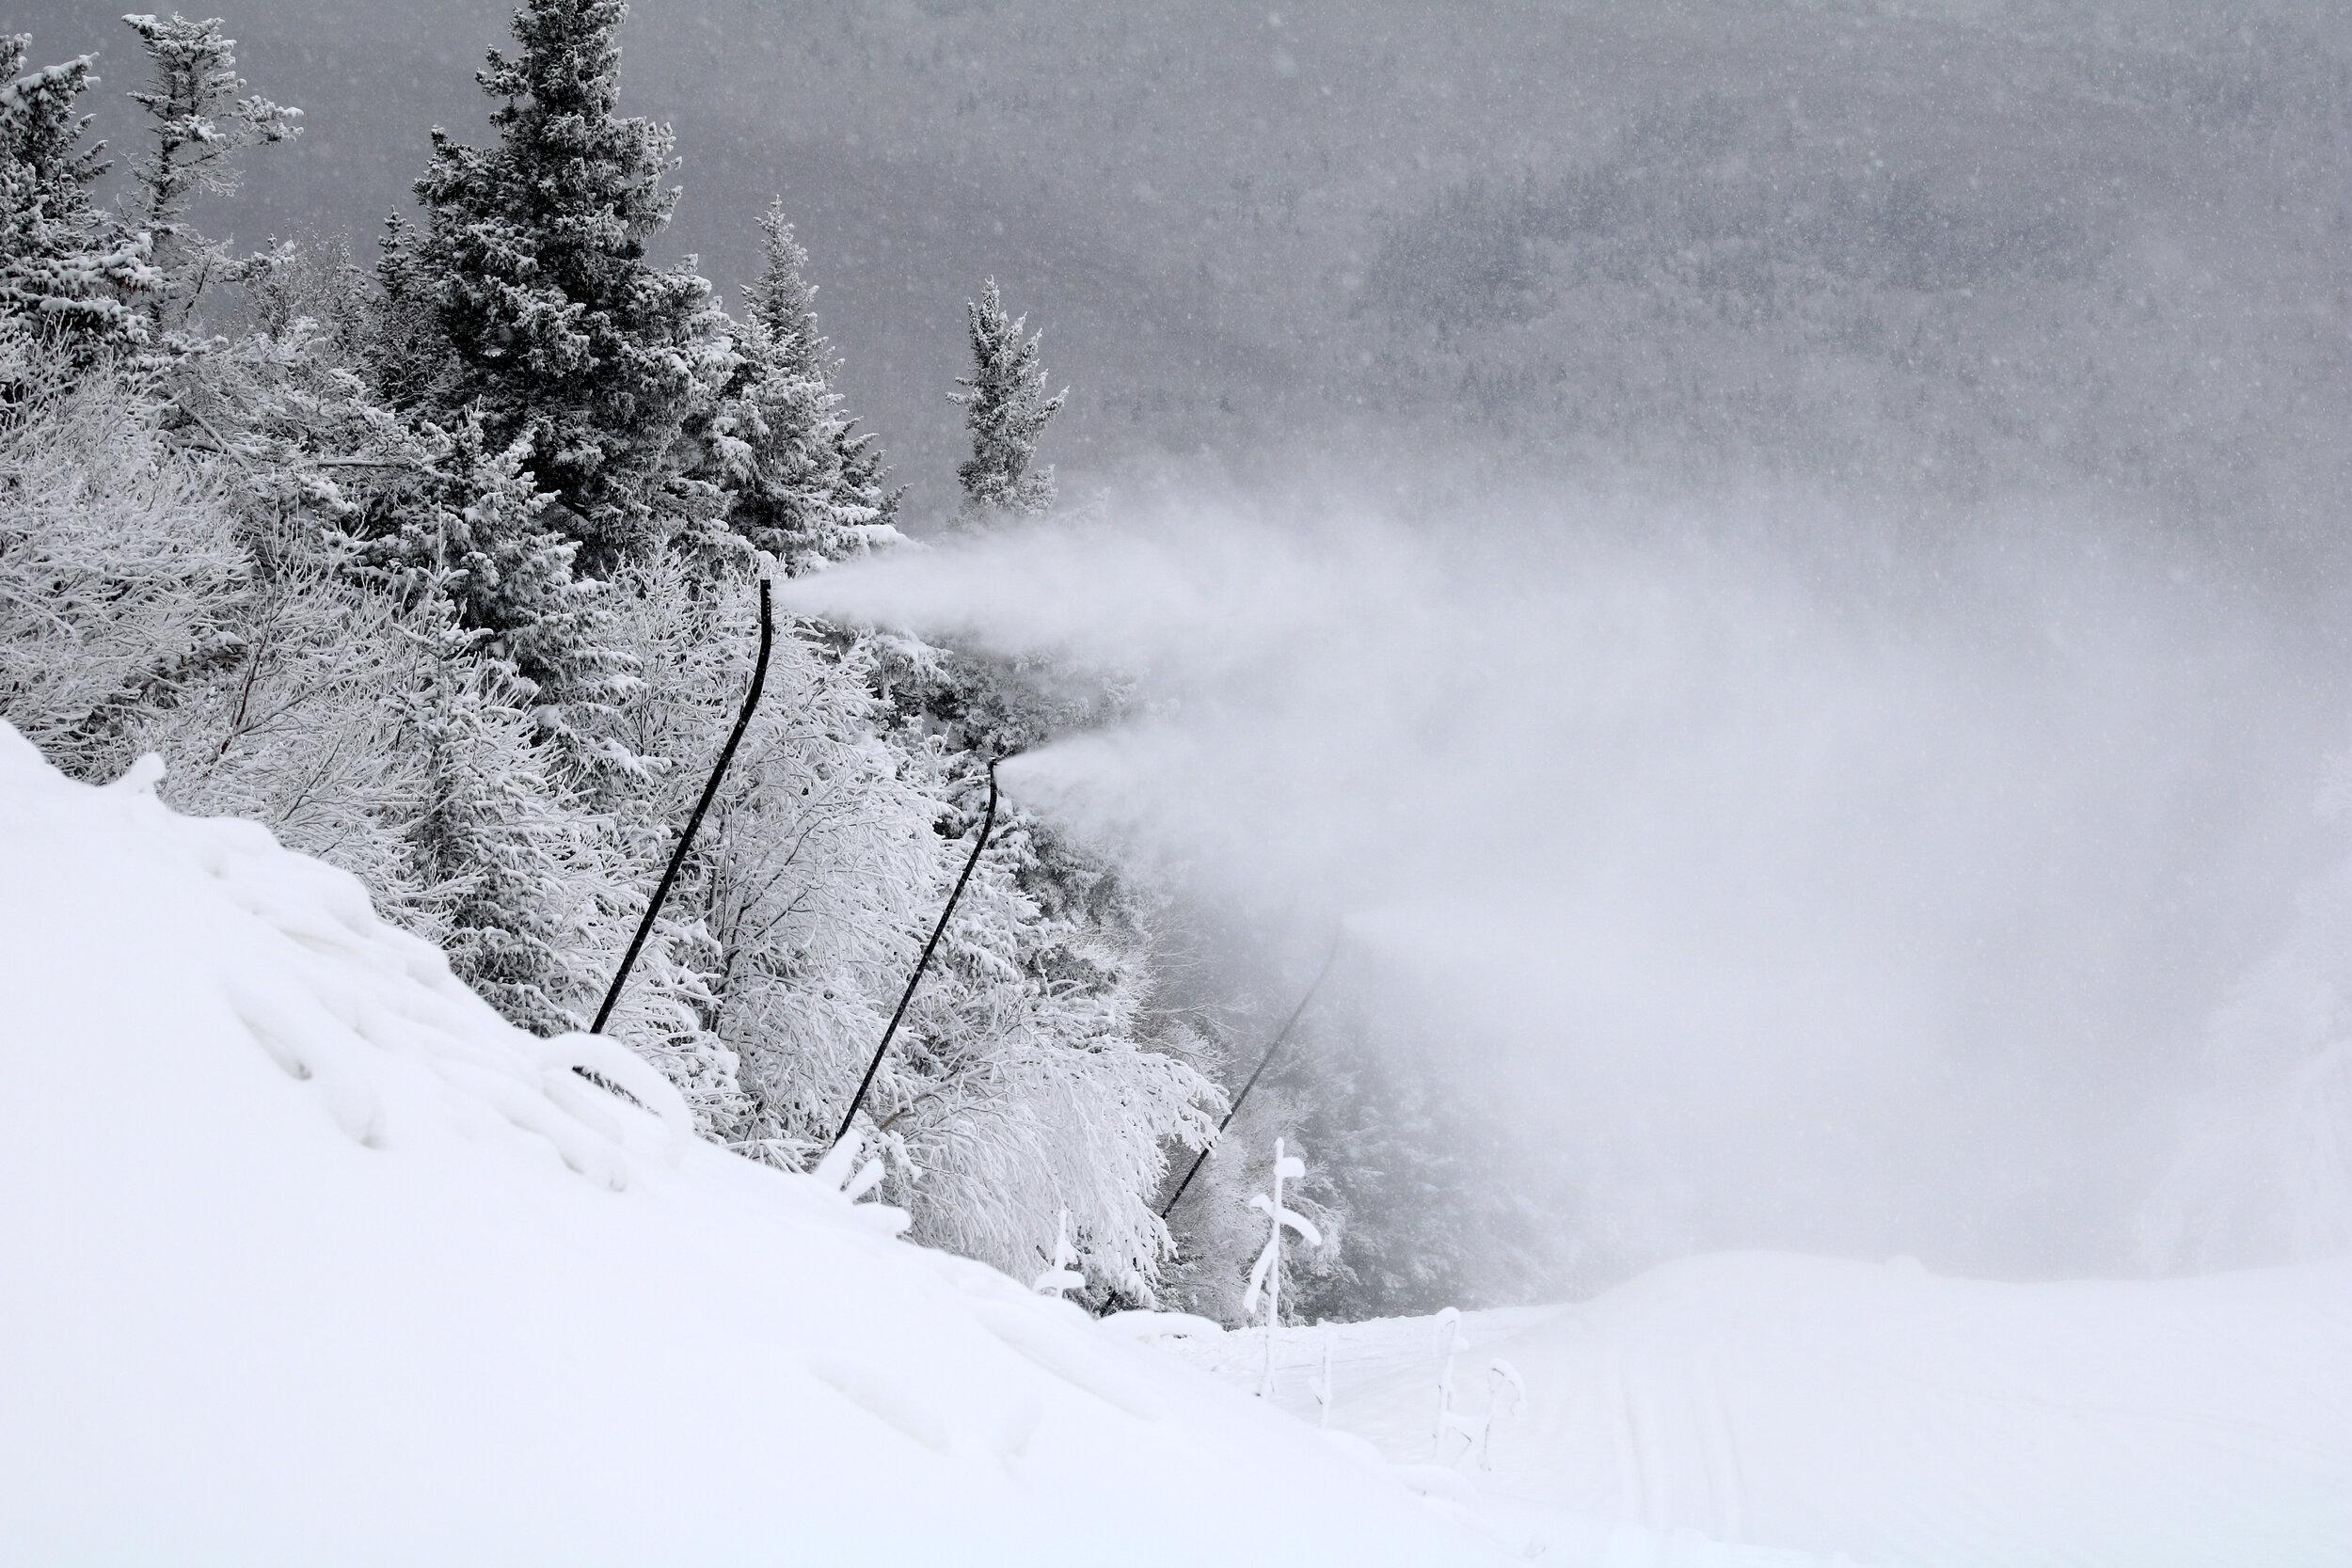 The new high efficiency snow guns working their magic.